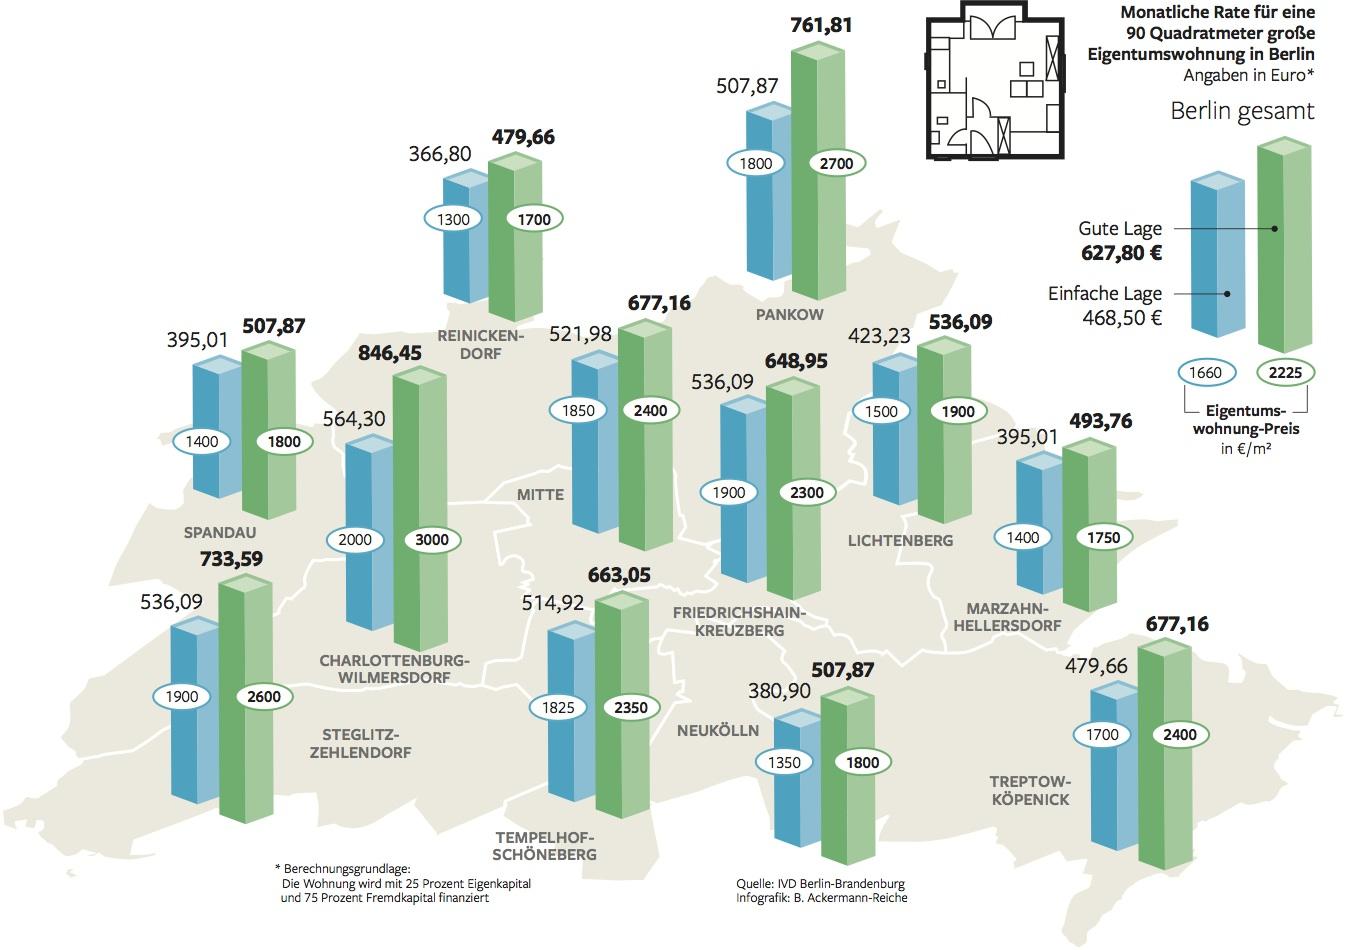 Wohnung Kaufen Friedrichshain: Kaufen Ist In Berlin Oft Günstiger Als Mieten